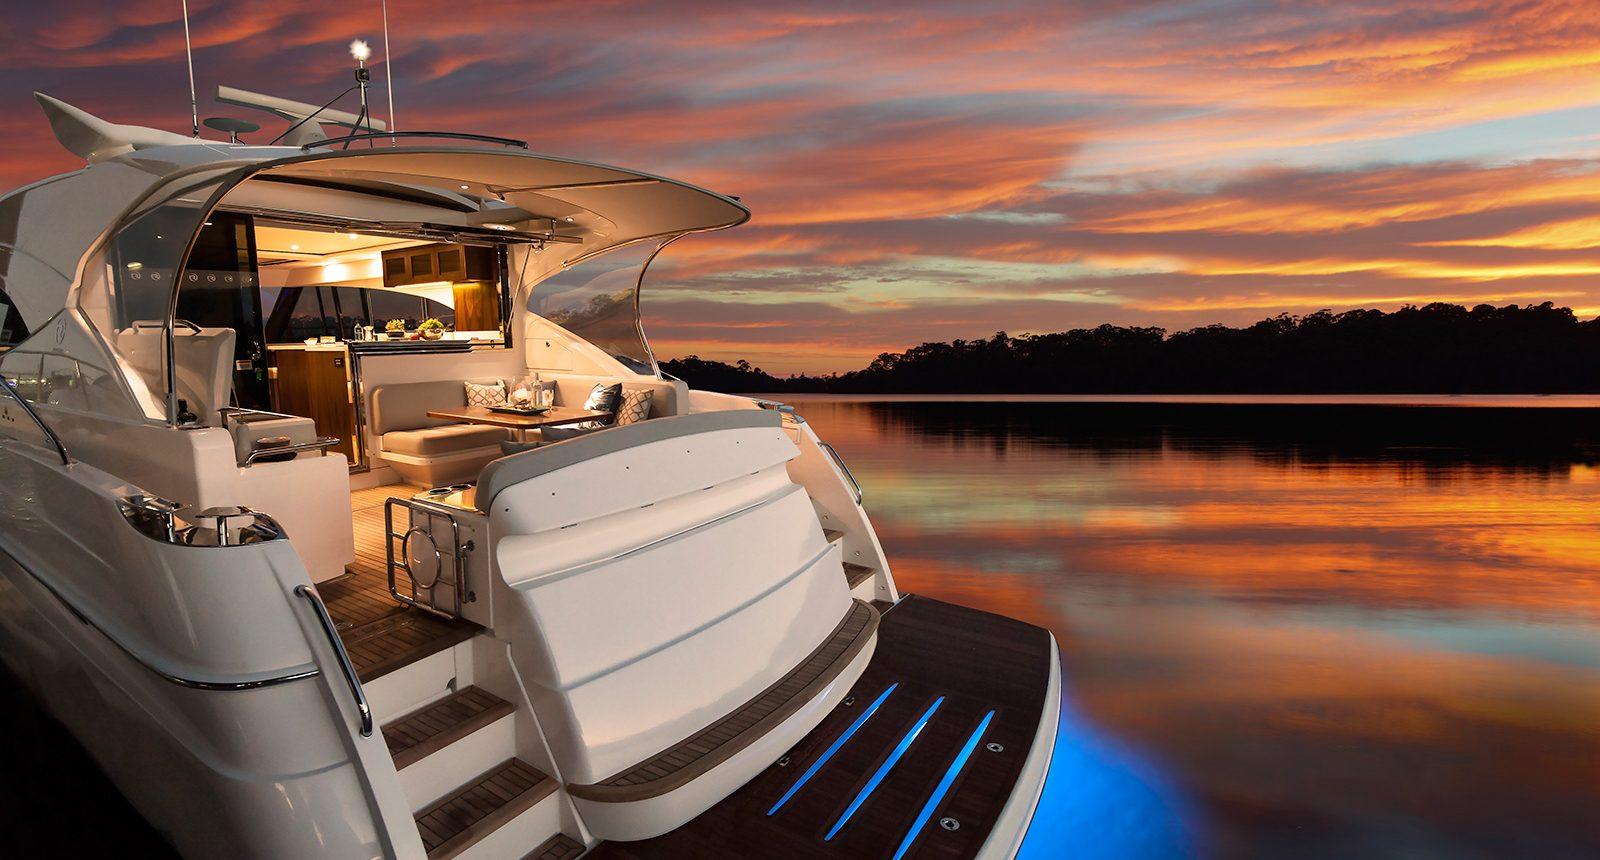 Riviera 5400 Sport Yacht - aft deck